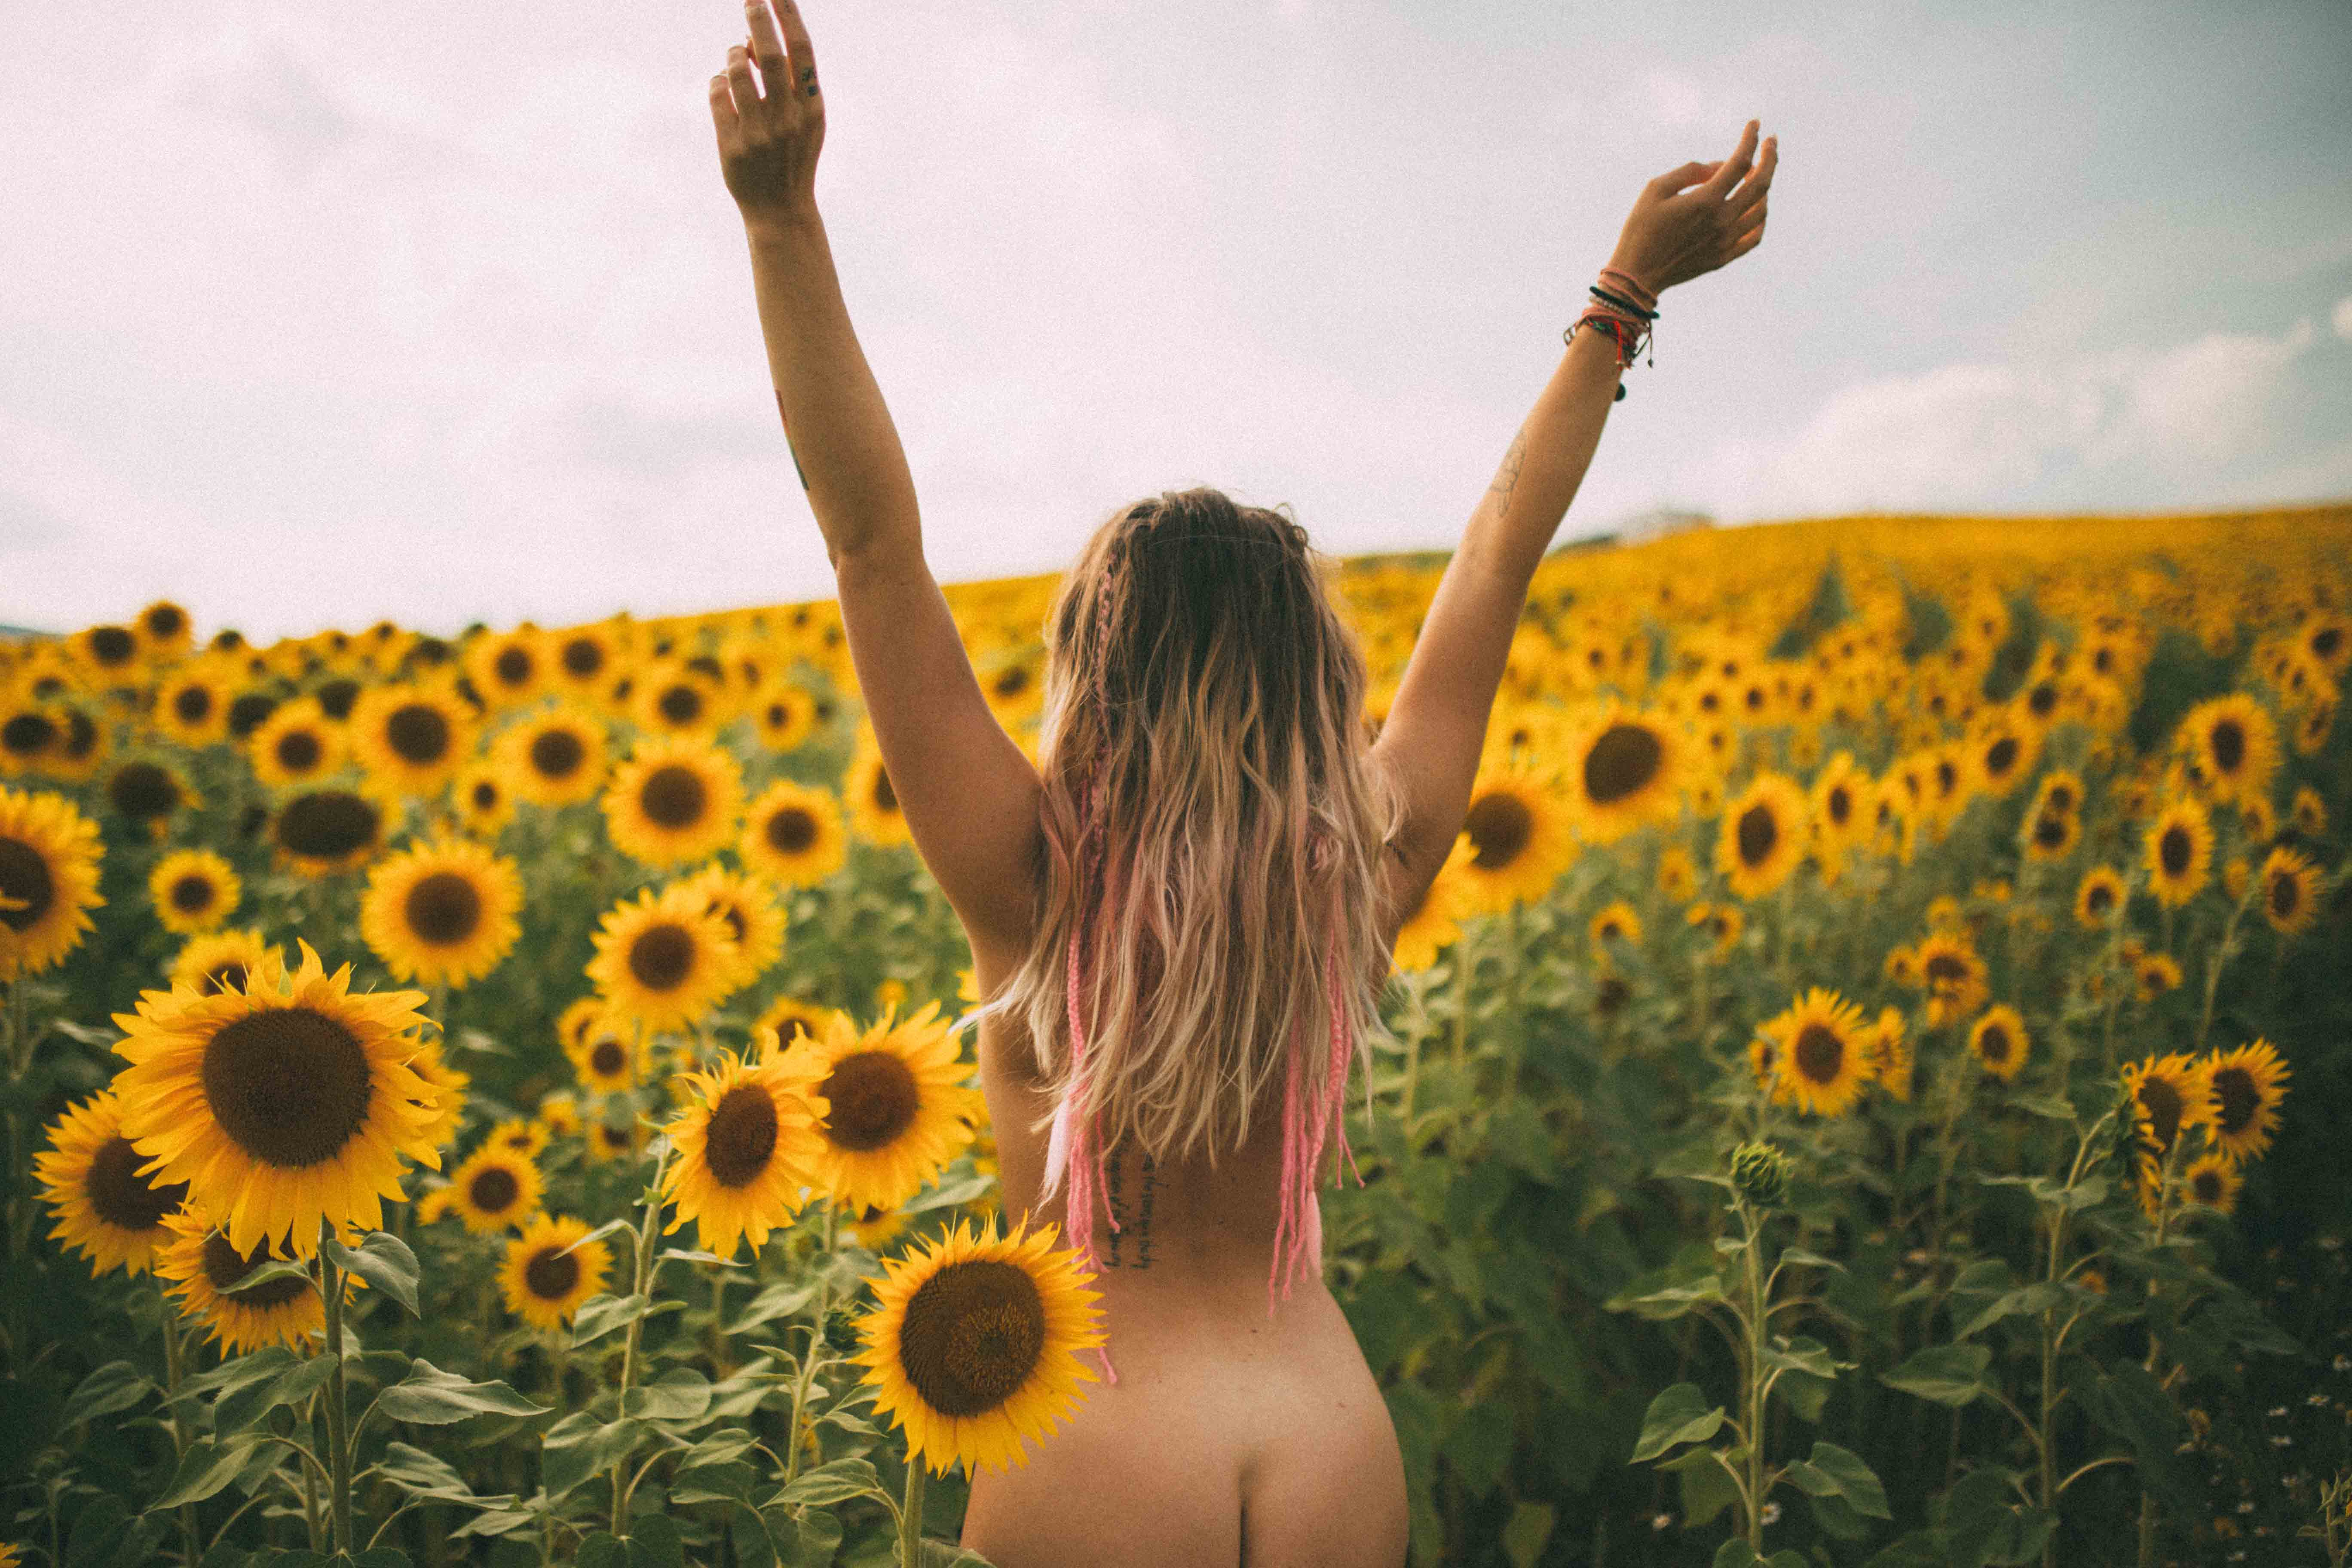 SUNFLOWER FIELD LOVE – natinstablog